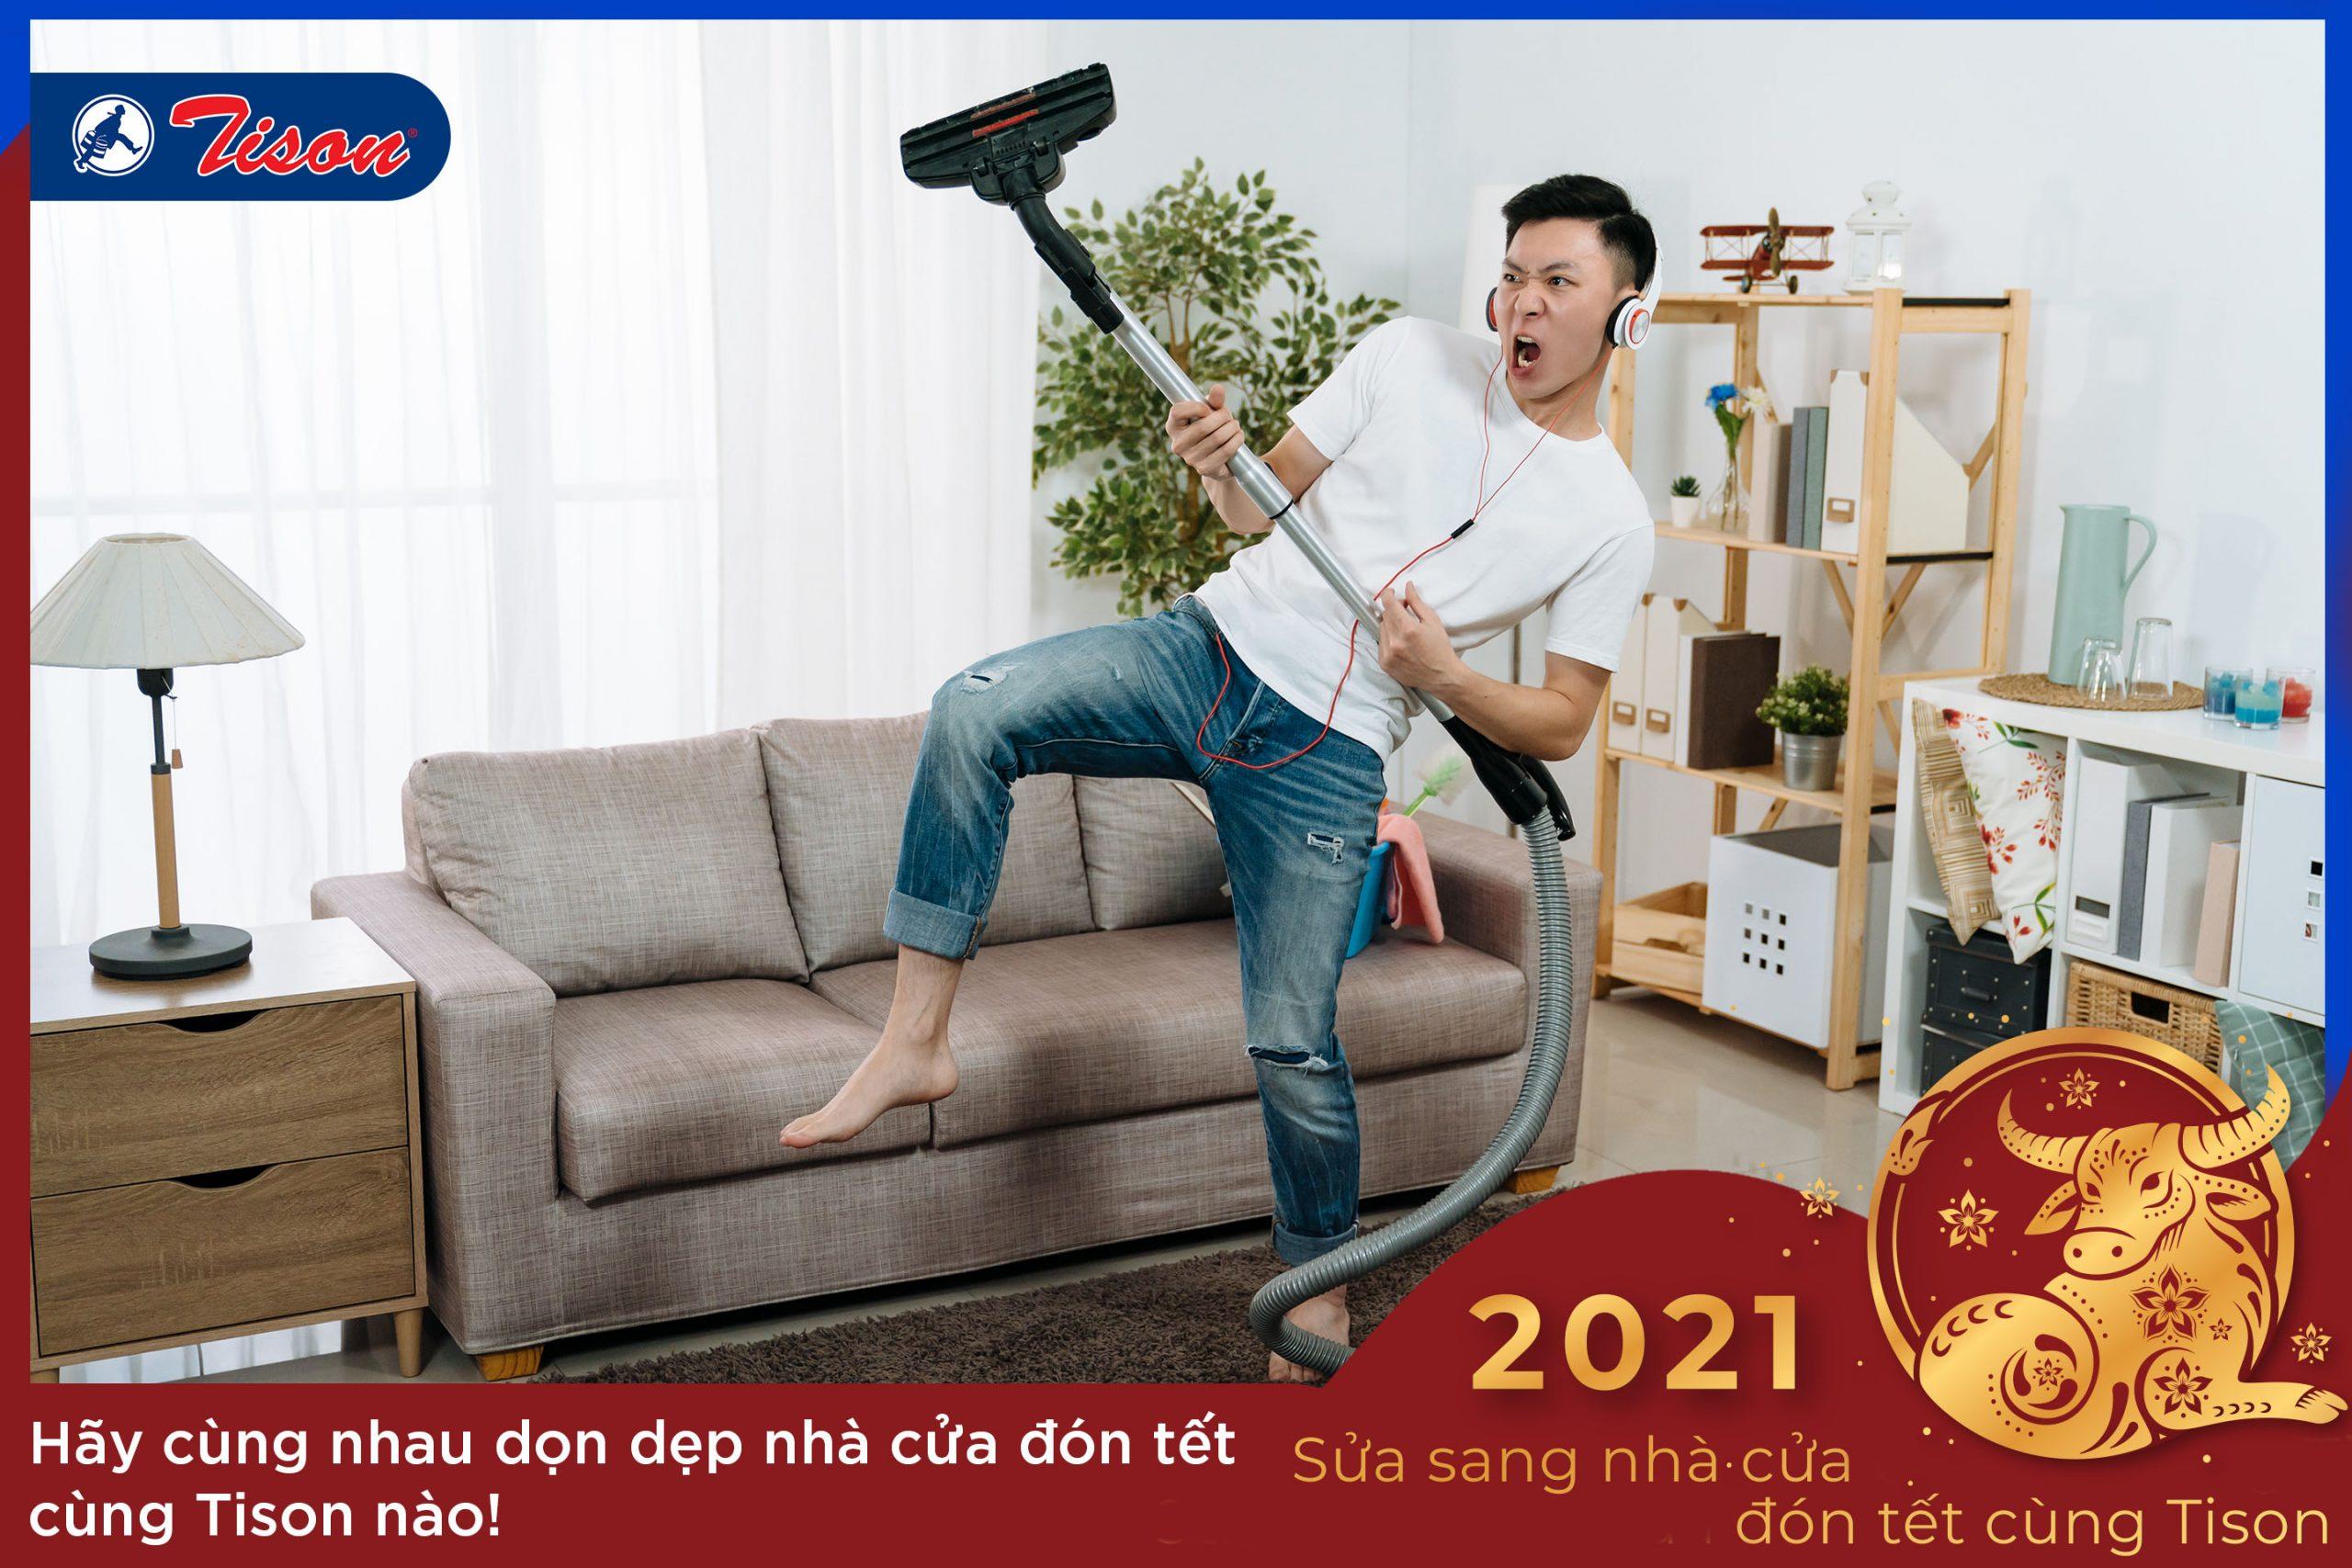 Bạn đã hiểu hết ý nghĩa của dọn dẹp nhà cửa đón Tết chưa?